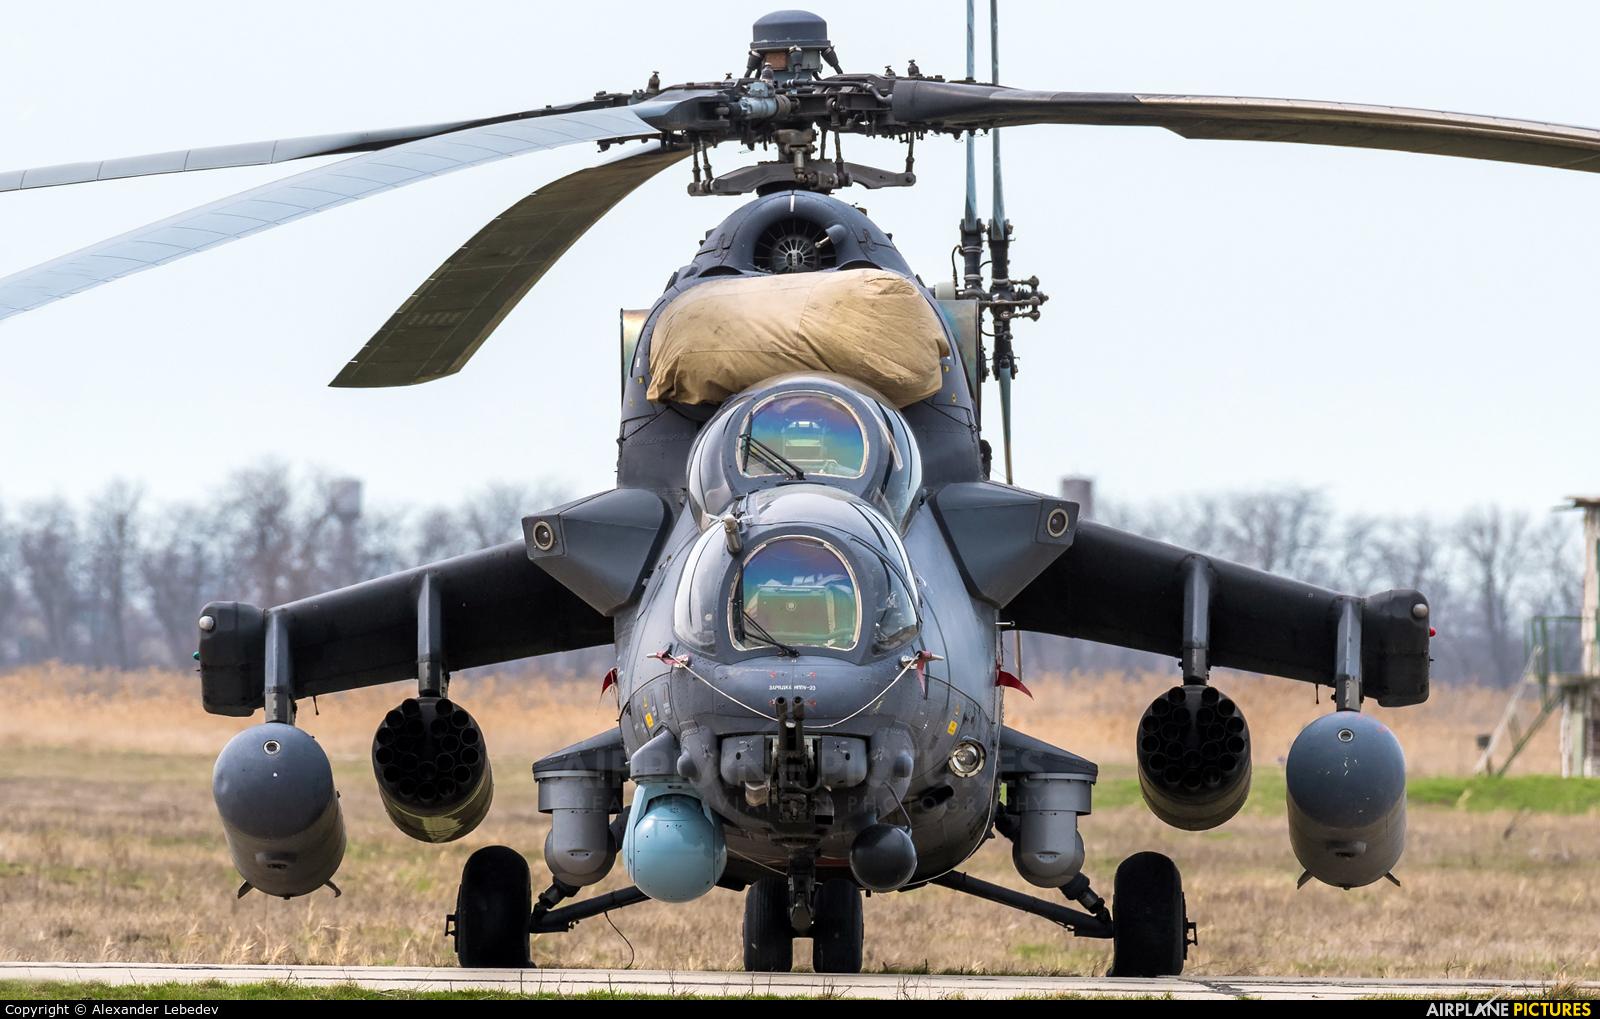 Russia - Air Force RF-13008 aircraft at Primorsko-Akhtarsk